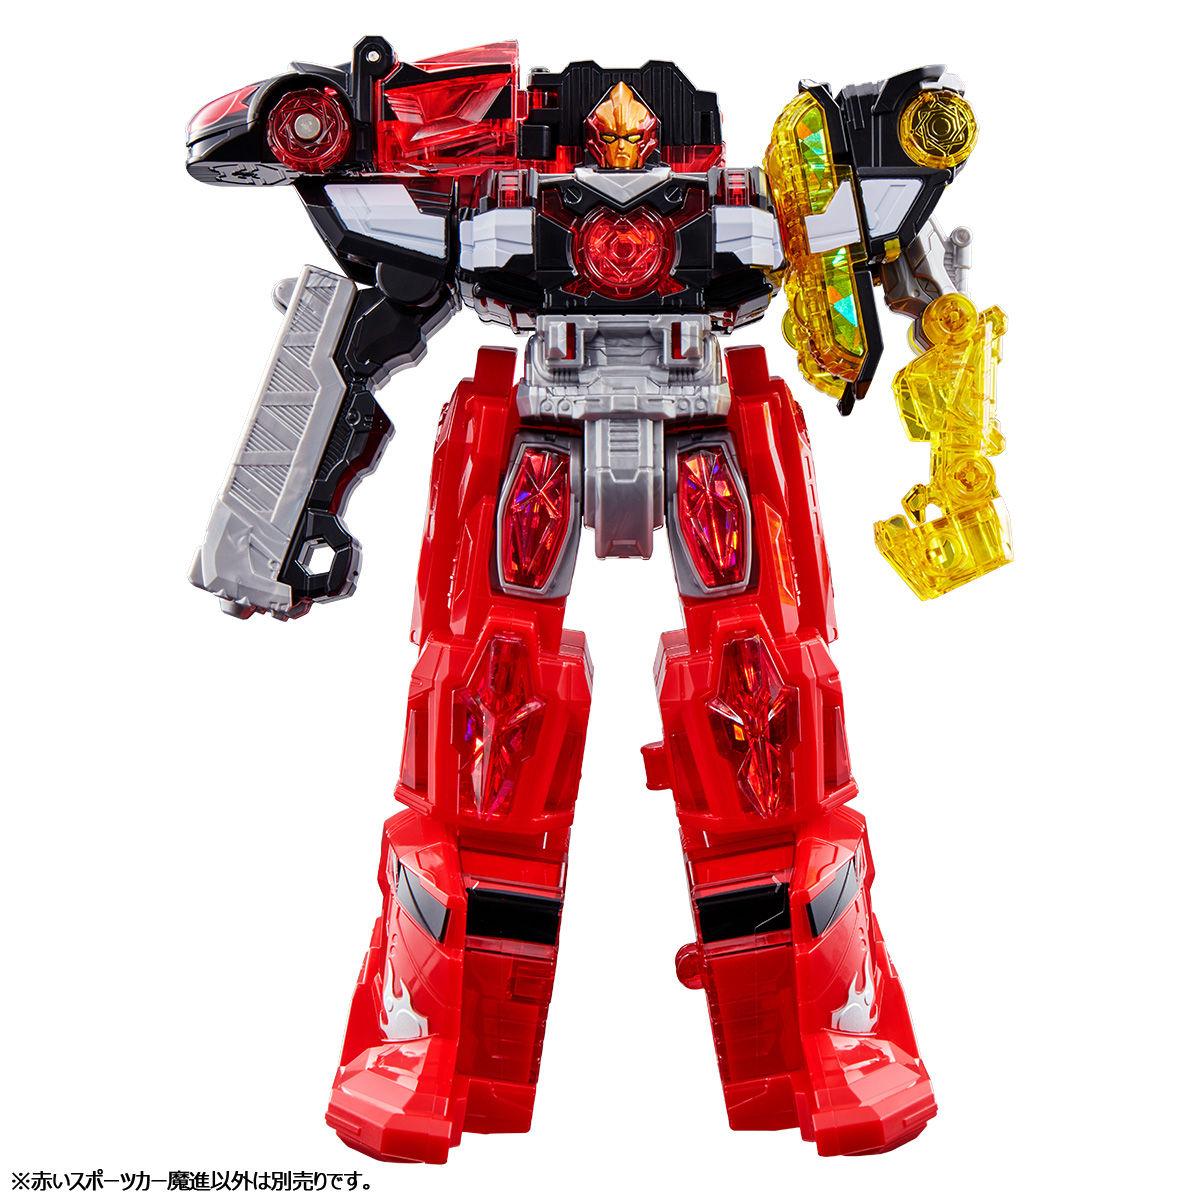 【限定販売】キラメイジャー ロボシリーズ01『魔進合体 赤いスポーツカー魔進』可変可動フィギュア-004